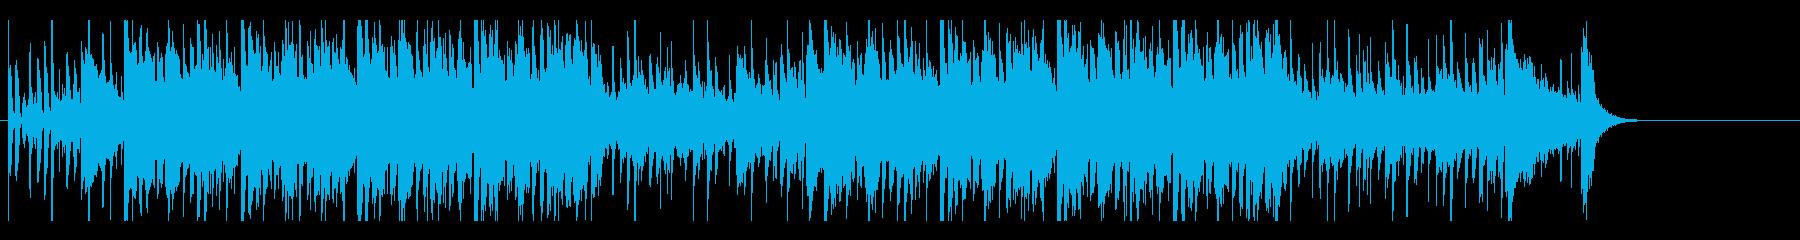 あやしい ふあん 緊張 サスペンス 追跡の再生済みの波形